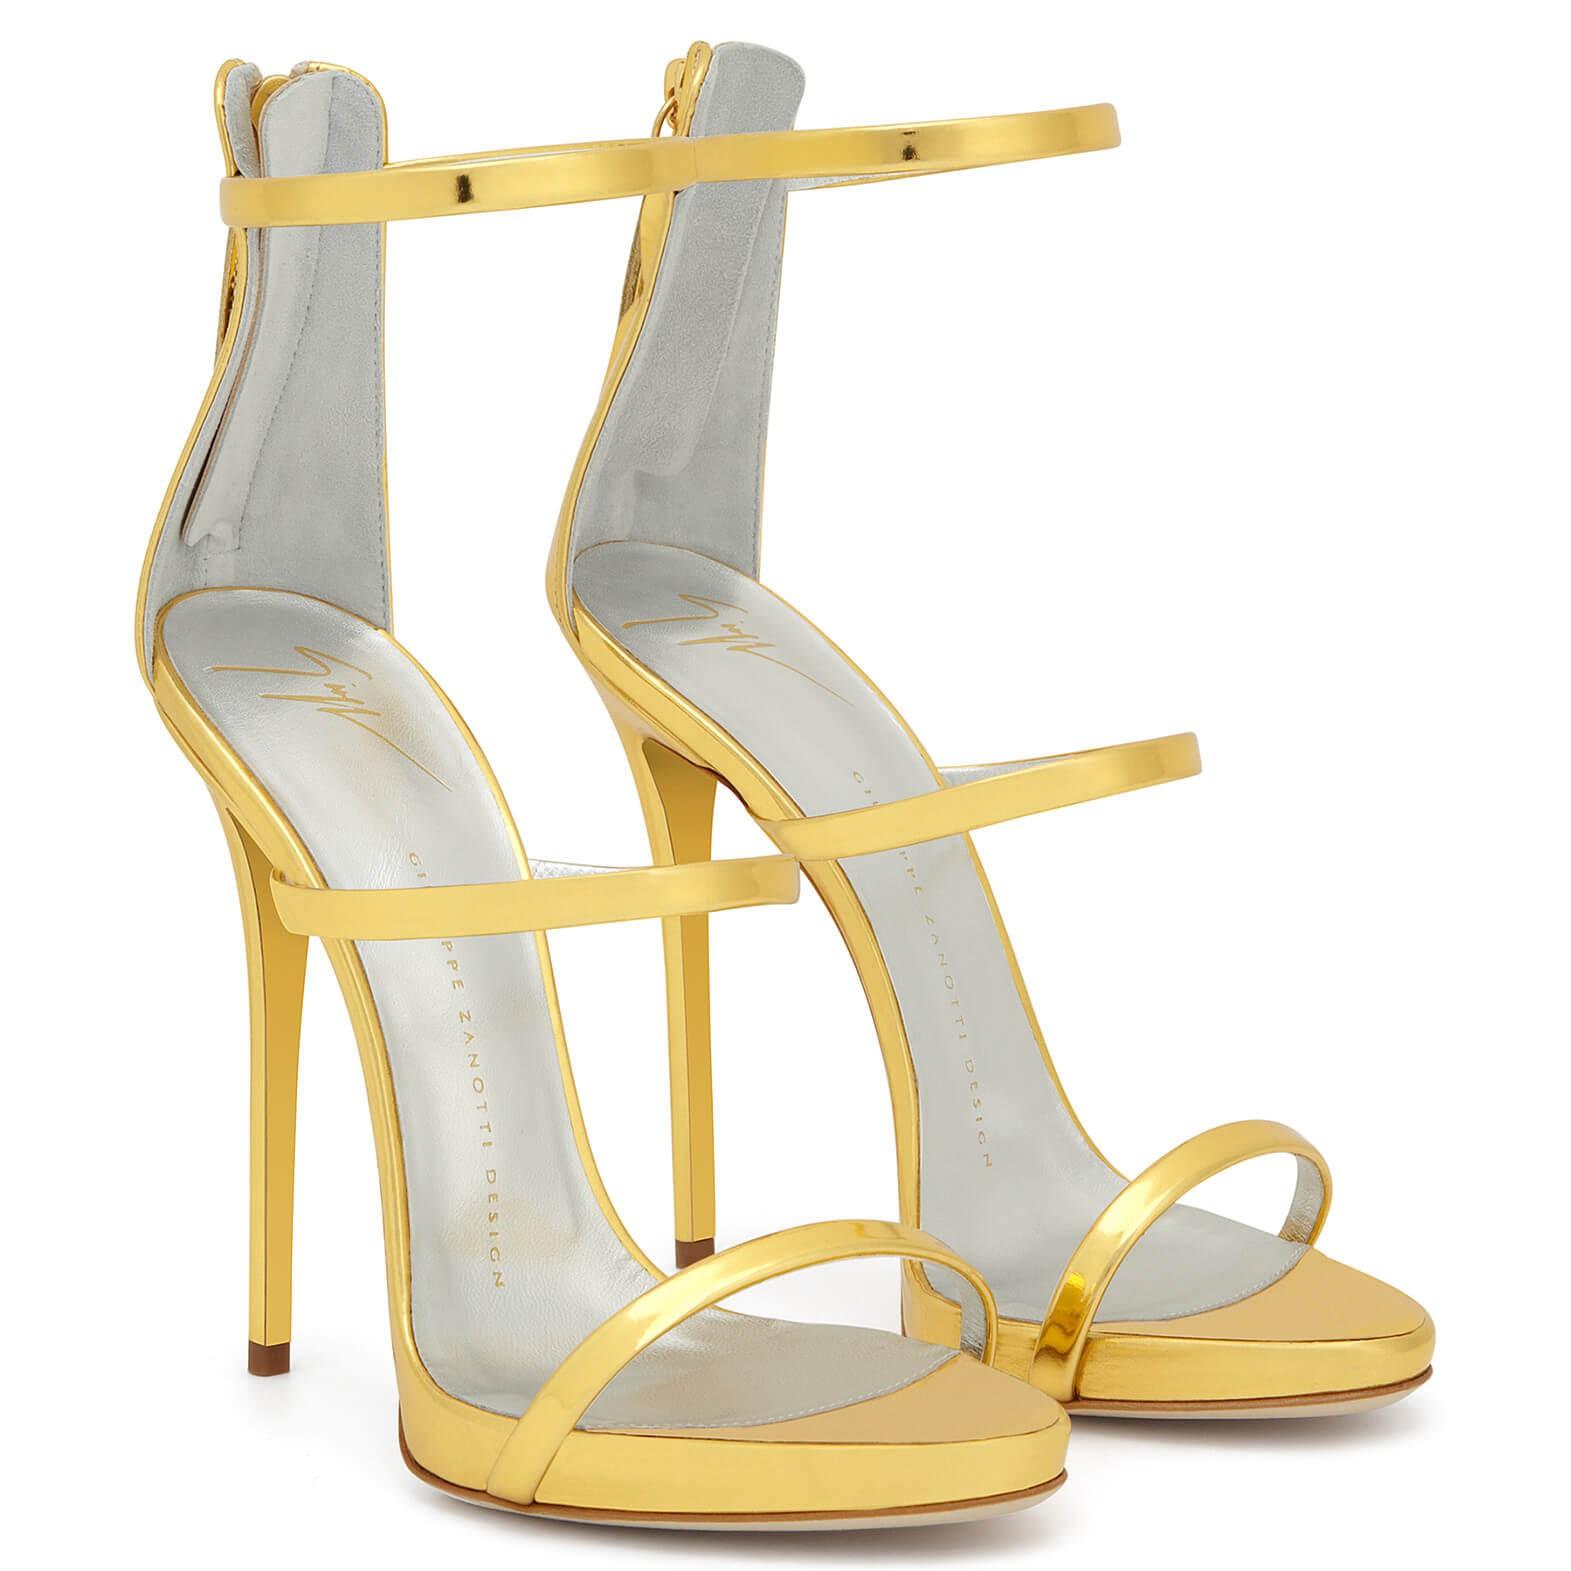 """Đôi sandal tôn chân nuột nà của Bích Phương bỗng thành """"hot item"""" được các shop online thi nhau đăng bán - Ảnh 6."""